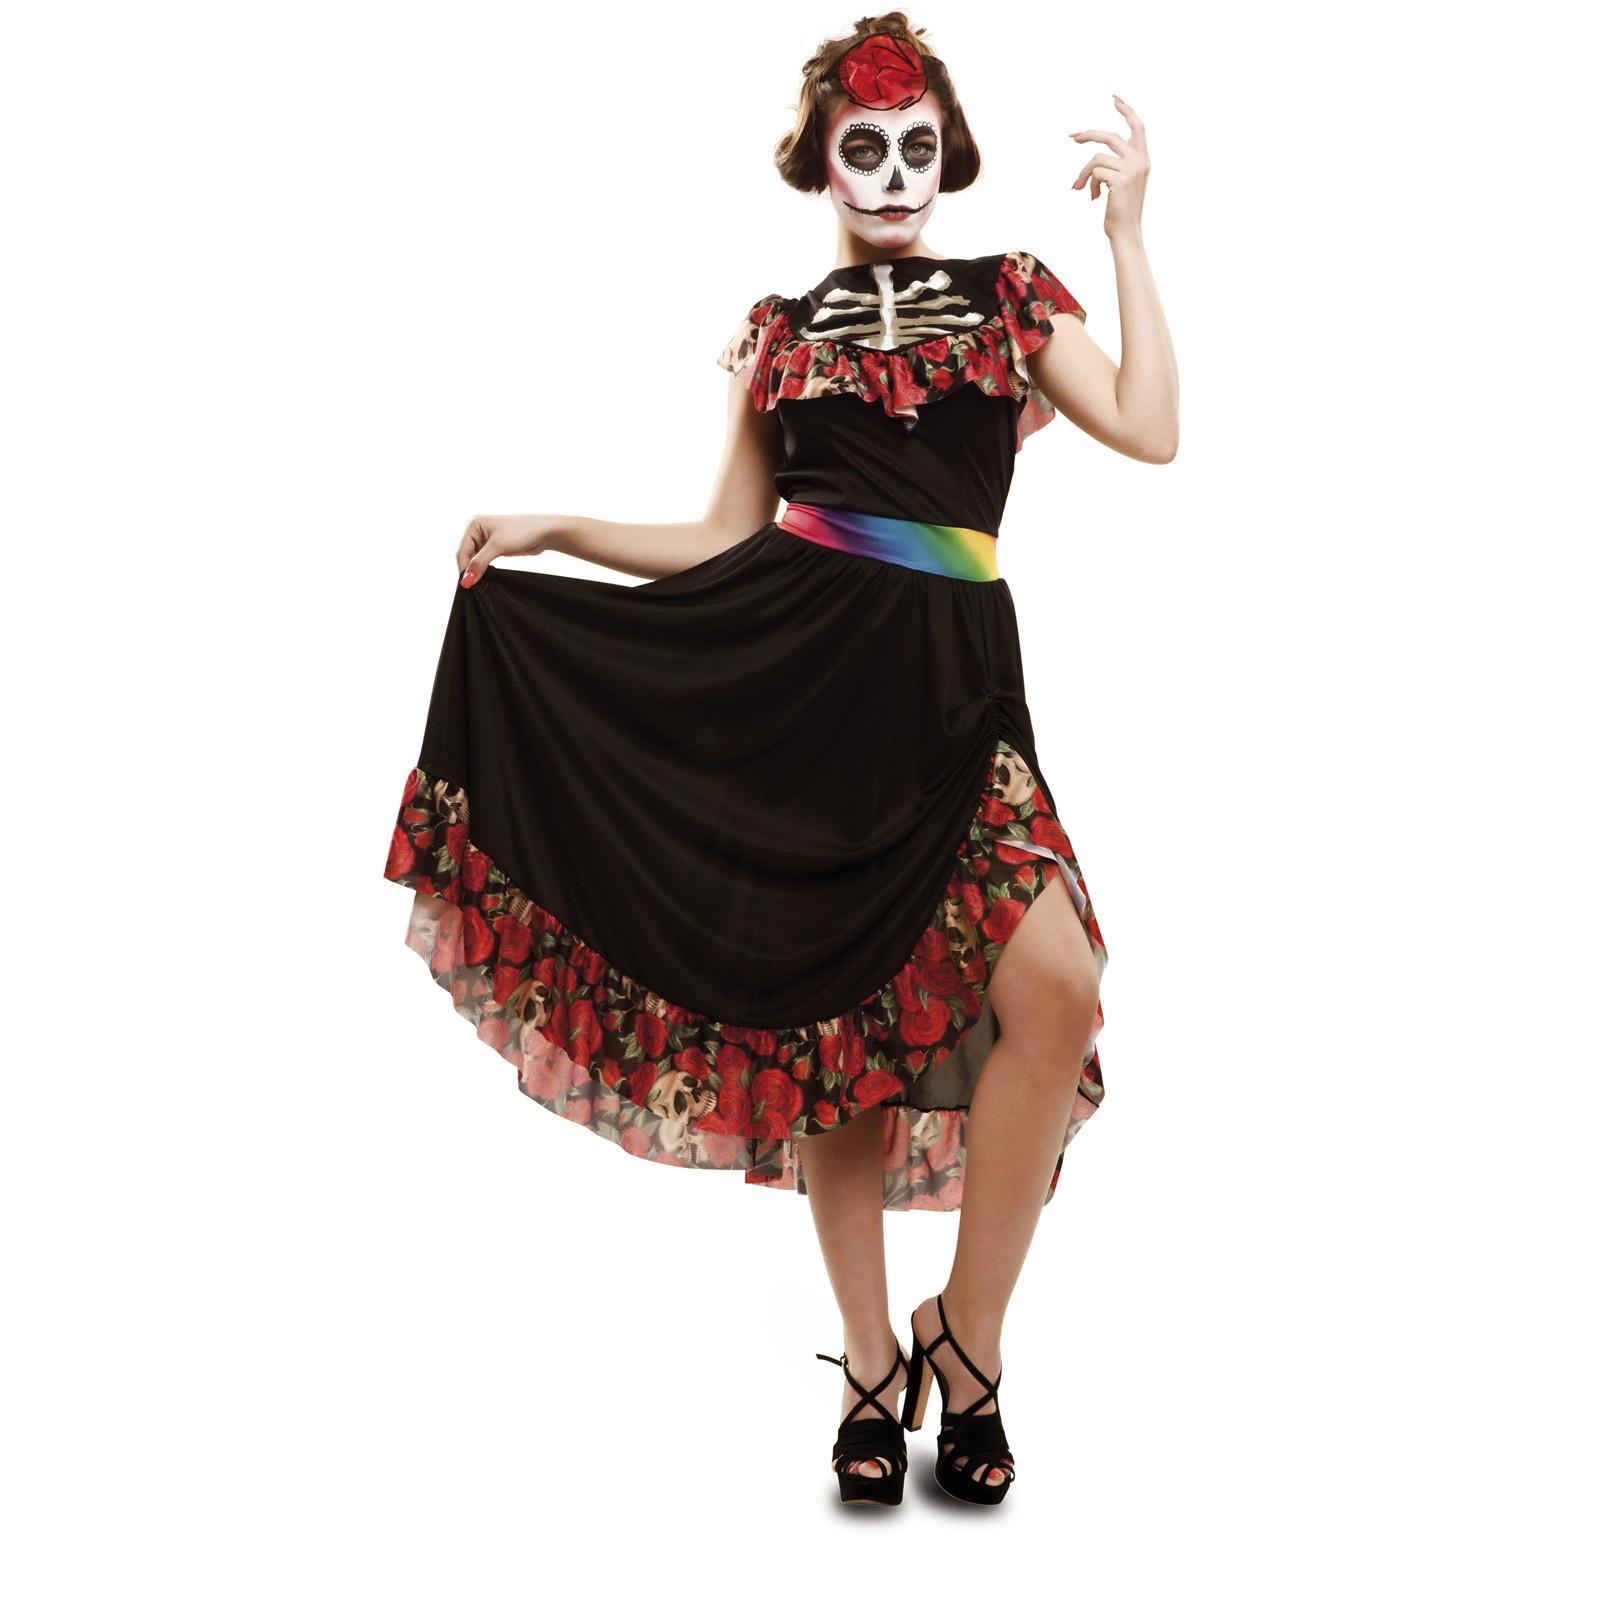 disfraz dia de los muertos largo mujer - DISFRAZ DIA DE LOS MUERTOS CATRINE MUJER